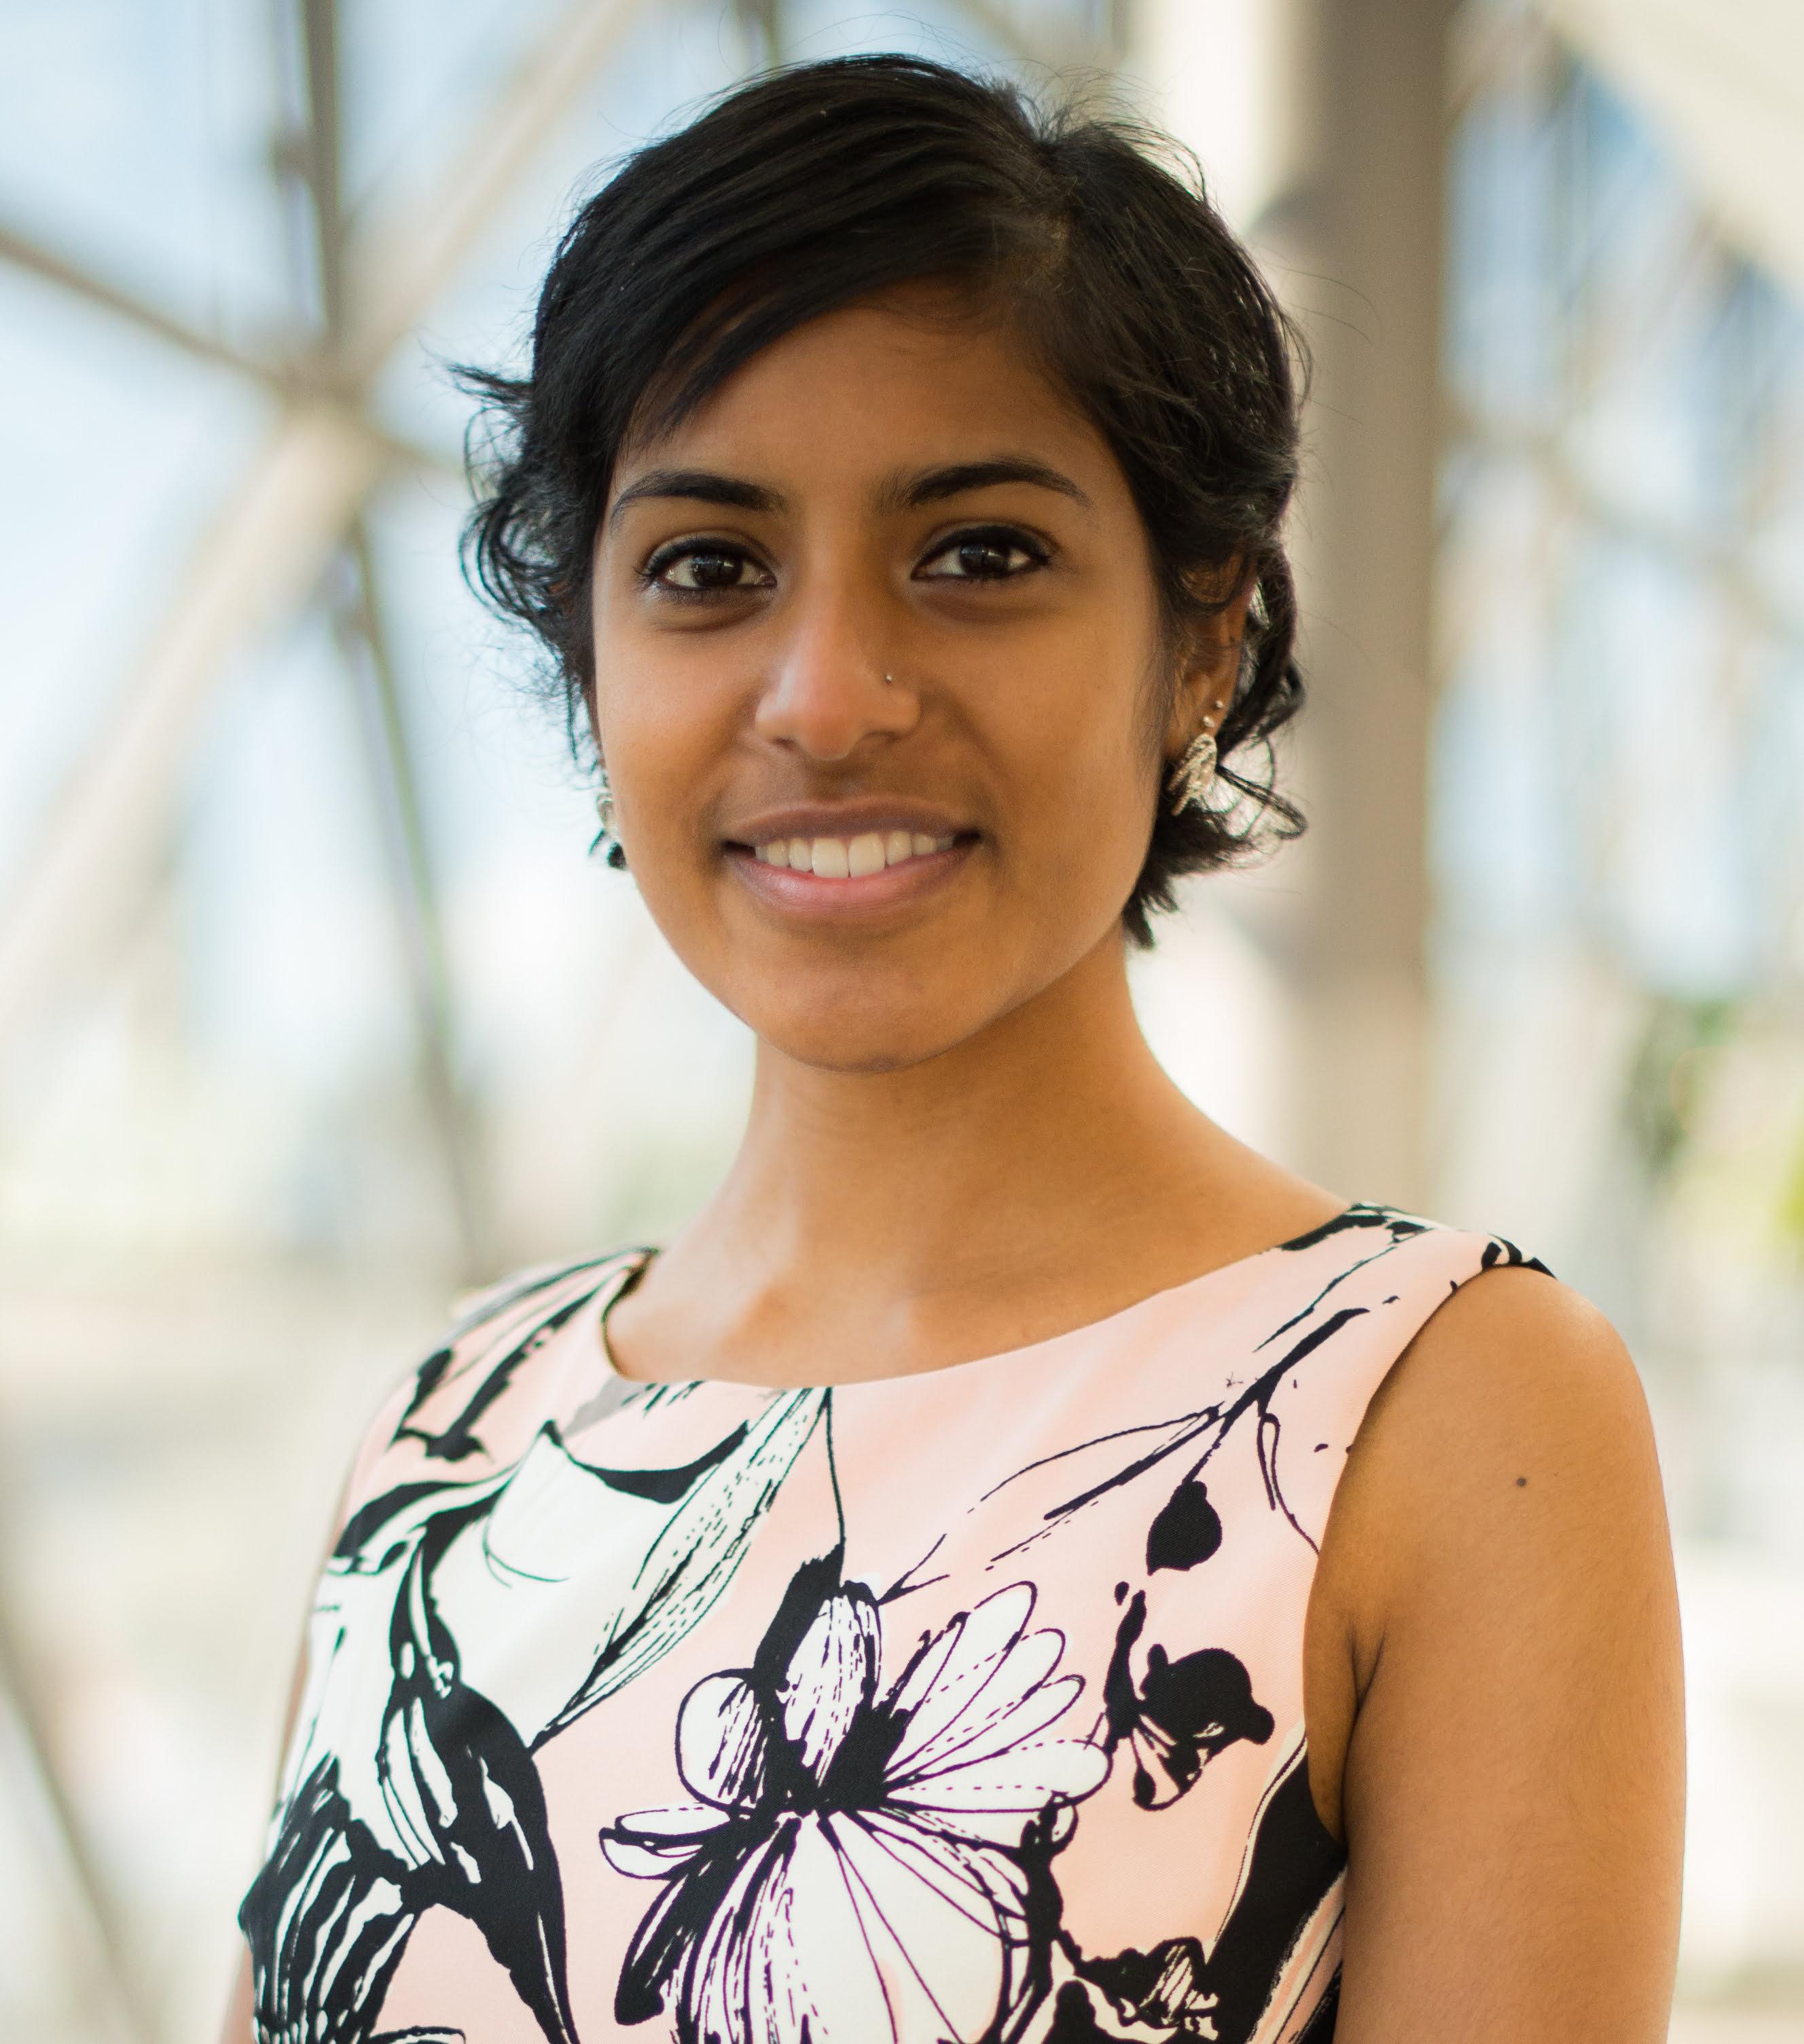 Tharshika Thangarasa